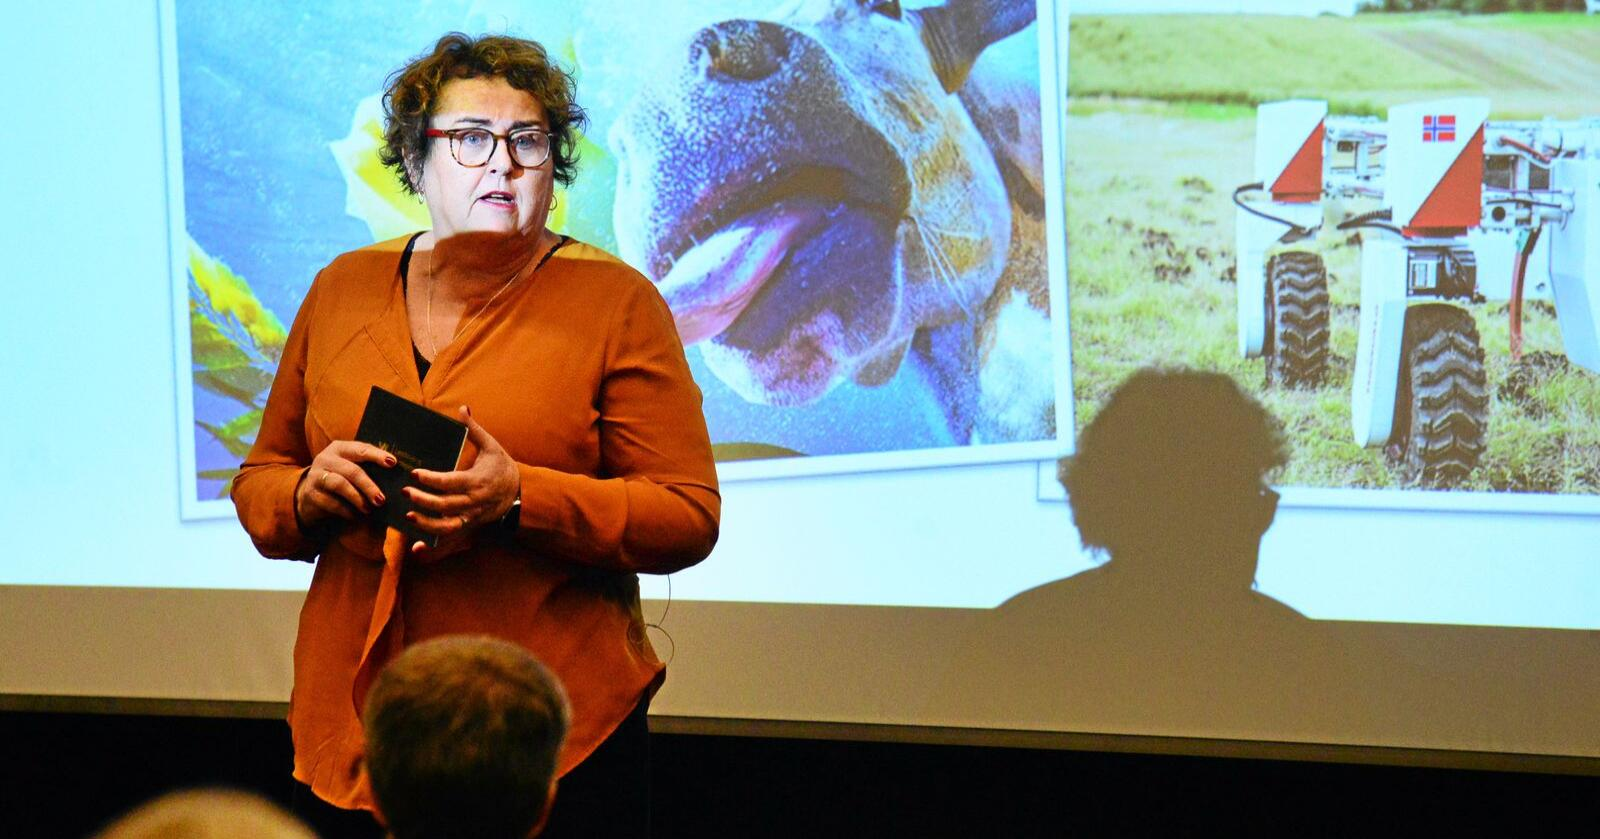 Matsvinn: Landbruks- og matdepartementet vurderte i 2017 at ein ny lov om matsvinn var unødvendig. Nå ønsker landbruks- og matminister Olaug Bollestad (KrF) loven velkommen. Foto: Siri Juell Rasmussen